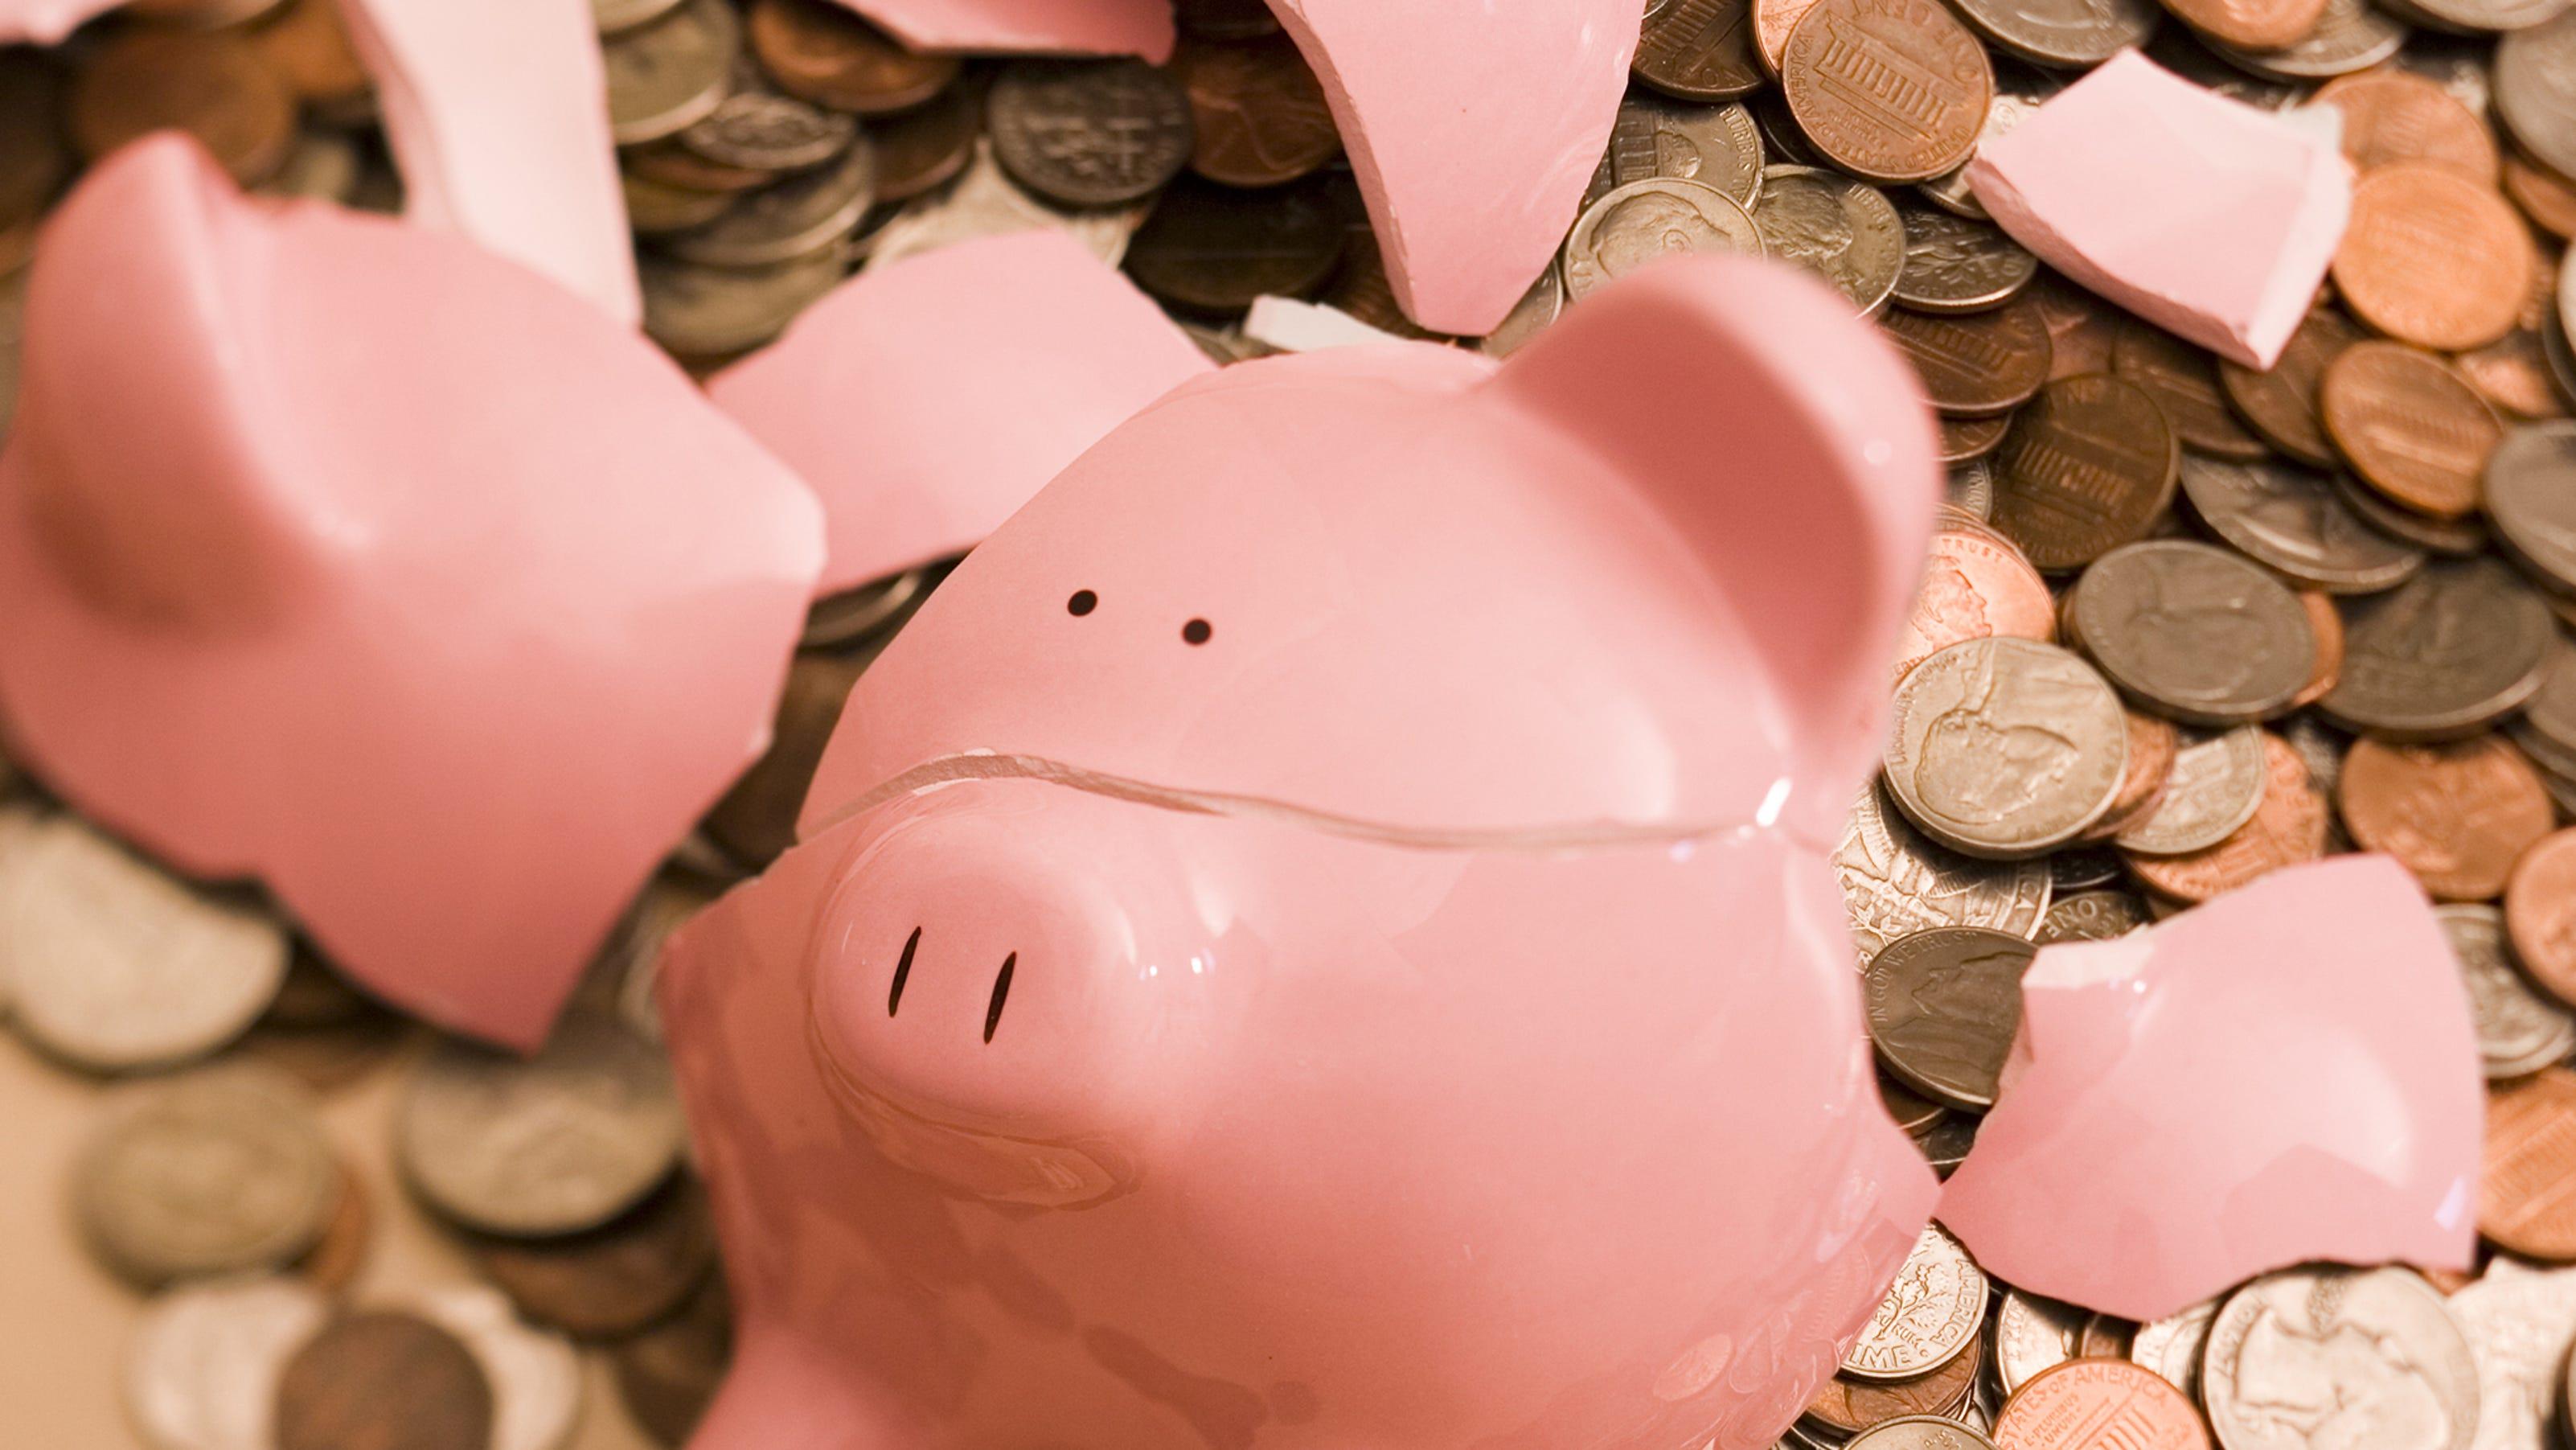 Bankruptcies - Monroe News Star